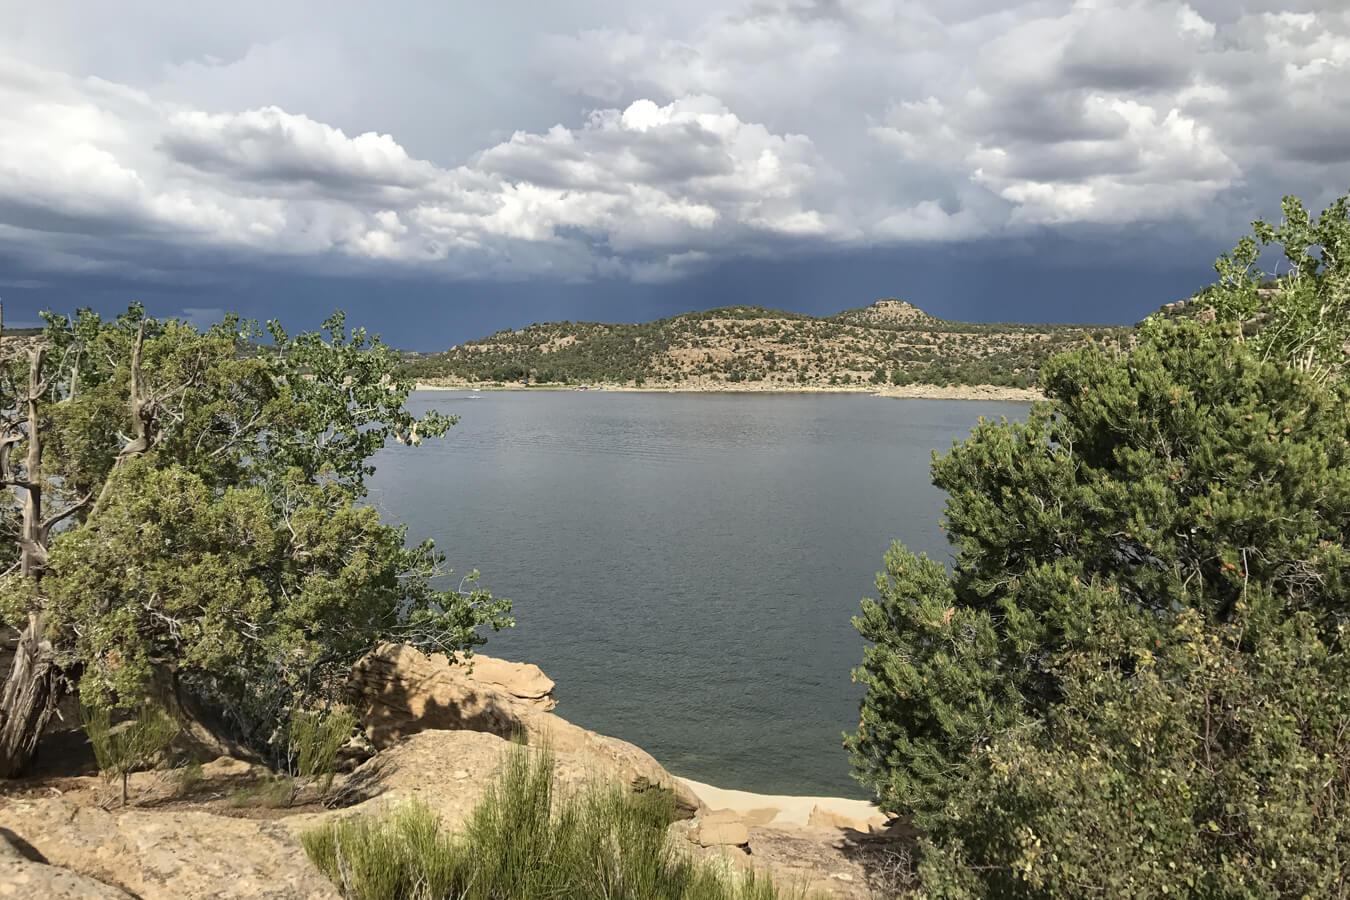 Navajo State Park